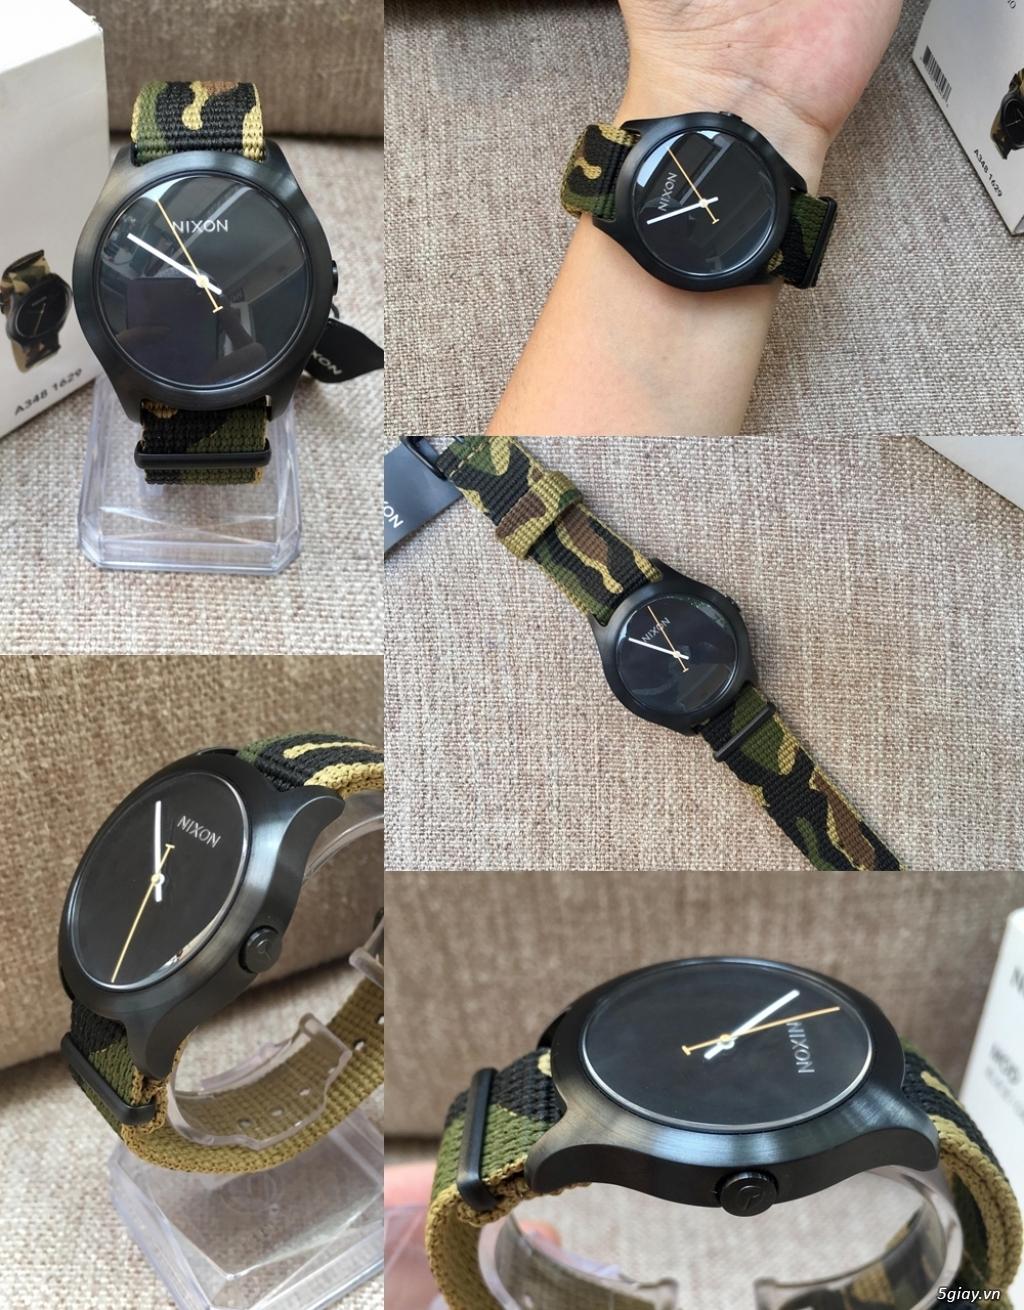 Kho đồng hồ xách tay chính hãng secondhand update liên tục - 32